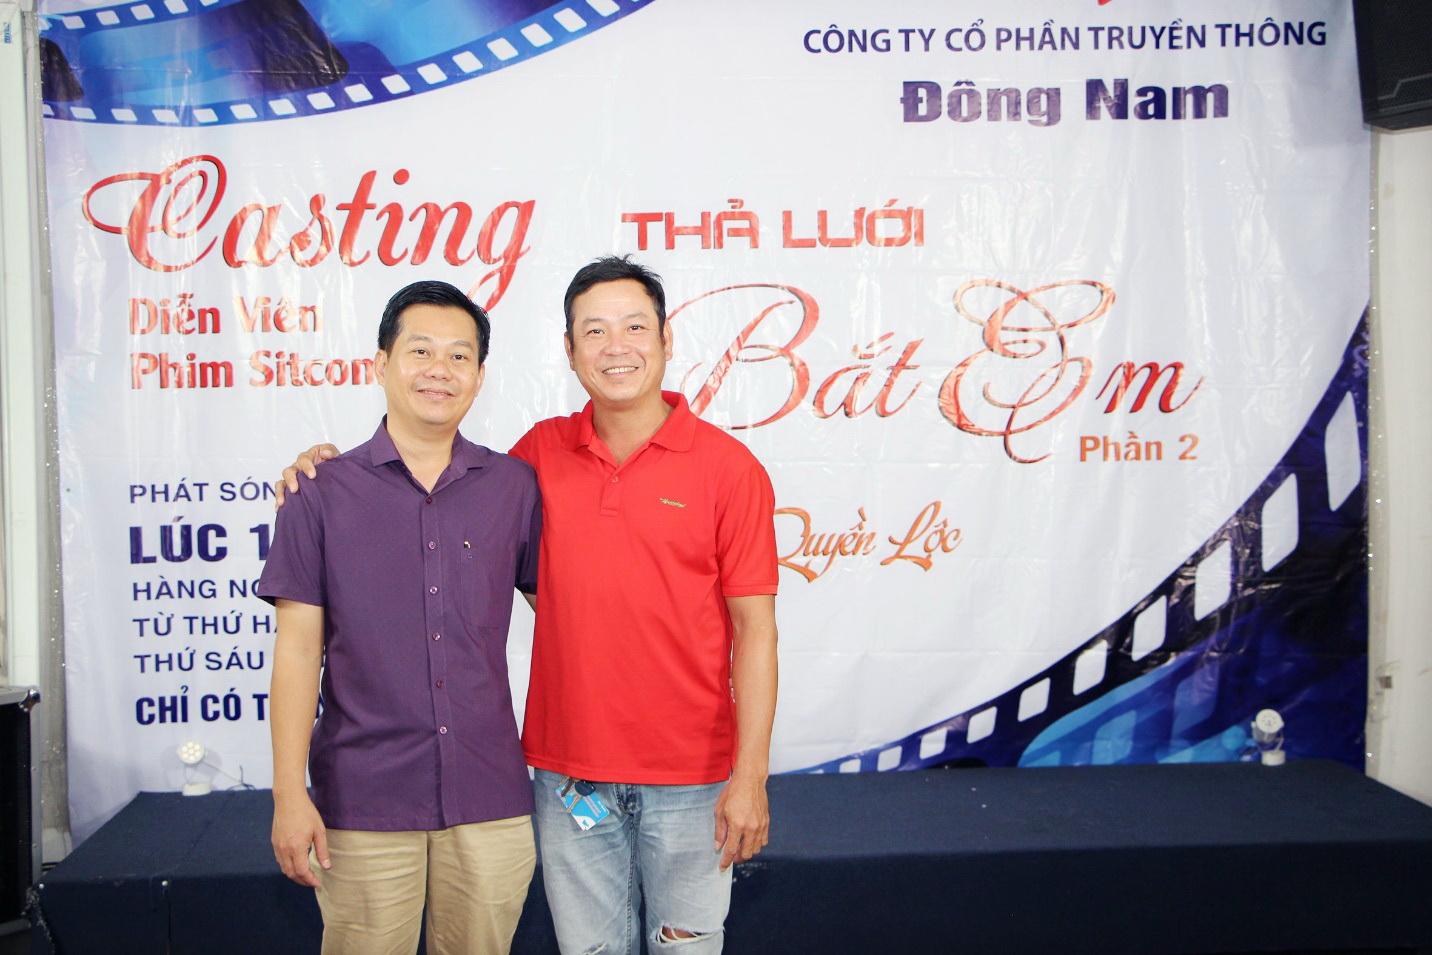 Đạo Diễn Quyền Lộc (áo đỏ) và Giám đốc sản xuất – ông Đặng Thanh Nam trước giờ casting